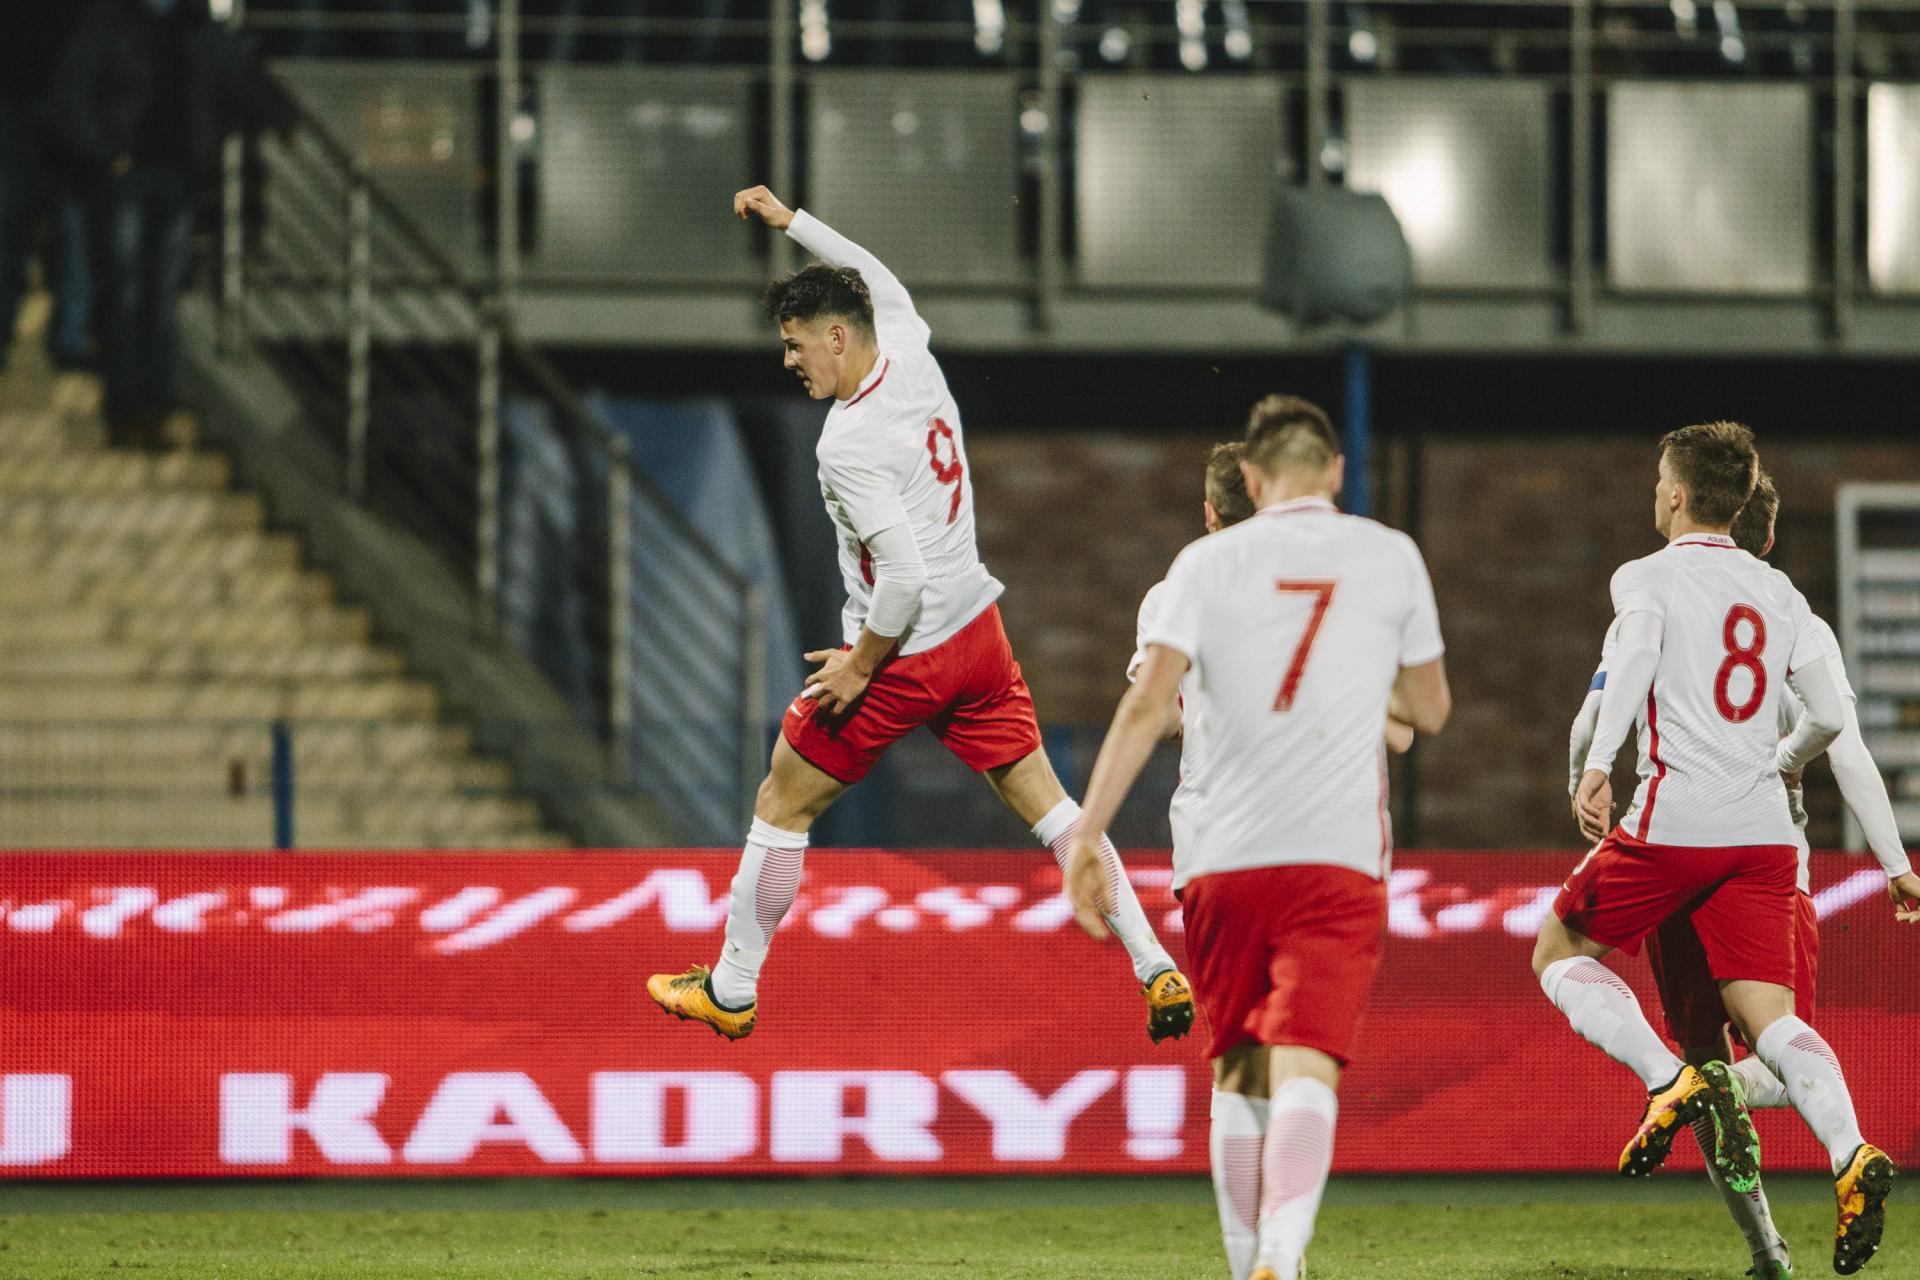 Uradowany Mariusz Stępiński po zdobyciu bramki w towarzyskim meczu kadry do lat 21 z rówieśnikami z Finlandii.